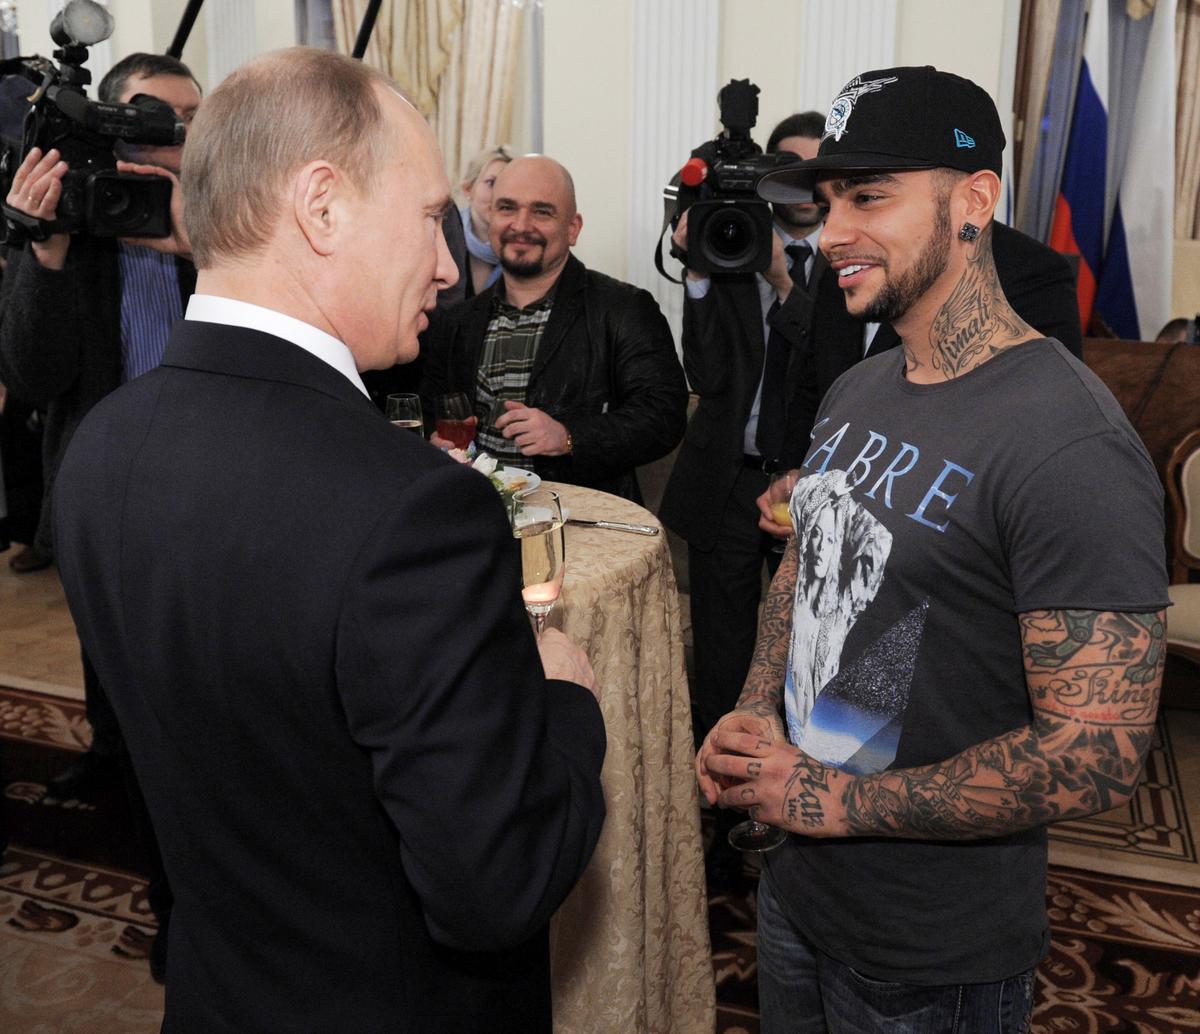 Pro-Kremlin rapper verwyder nuwe liedjie-betogers ná uitroep